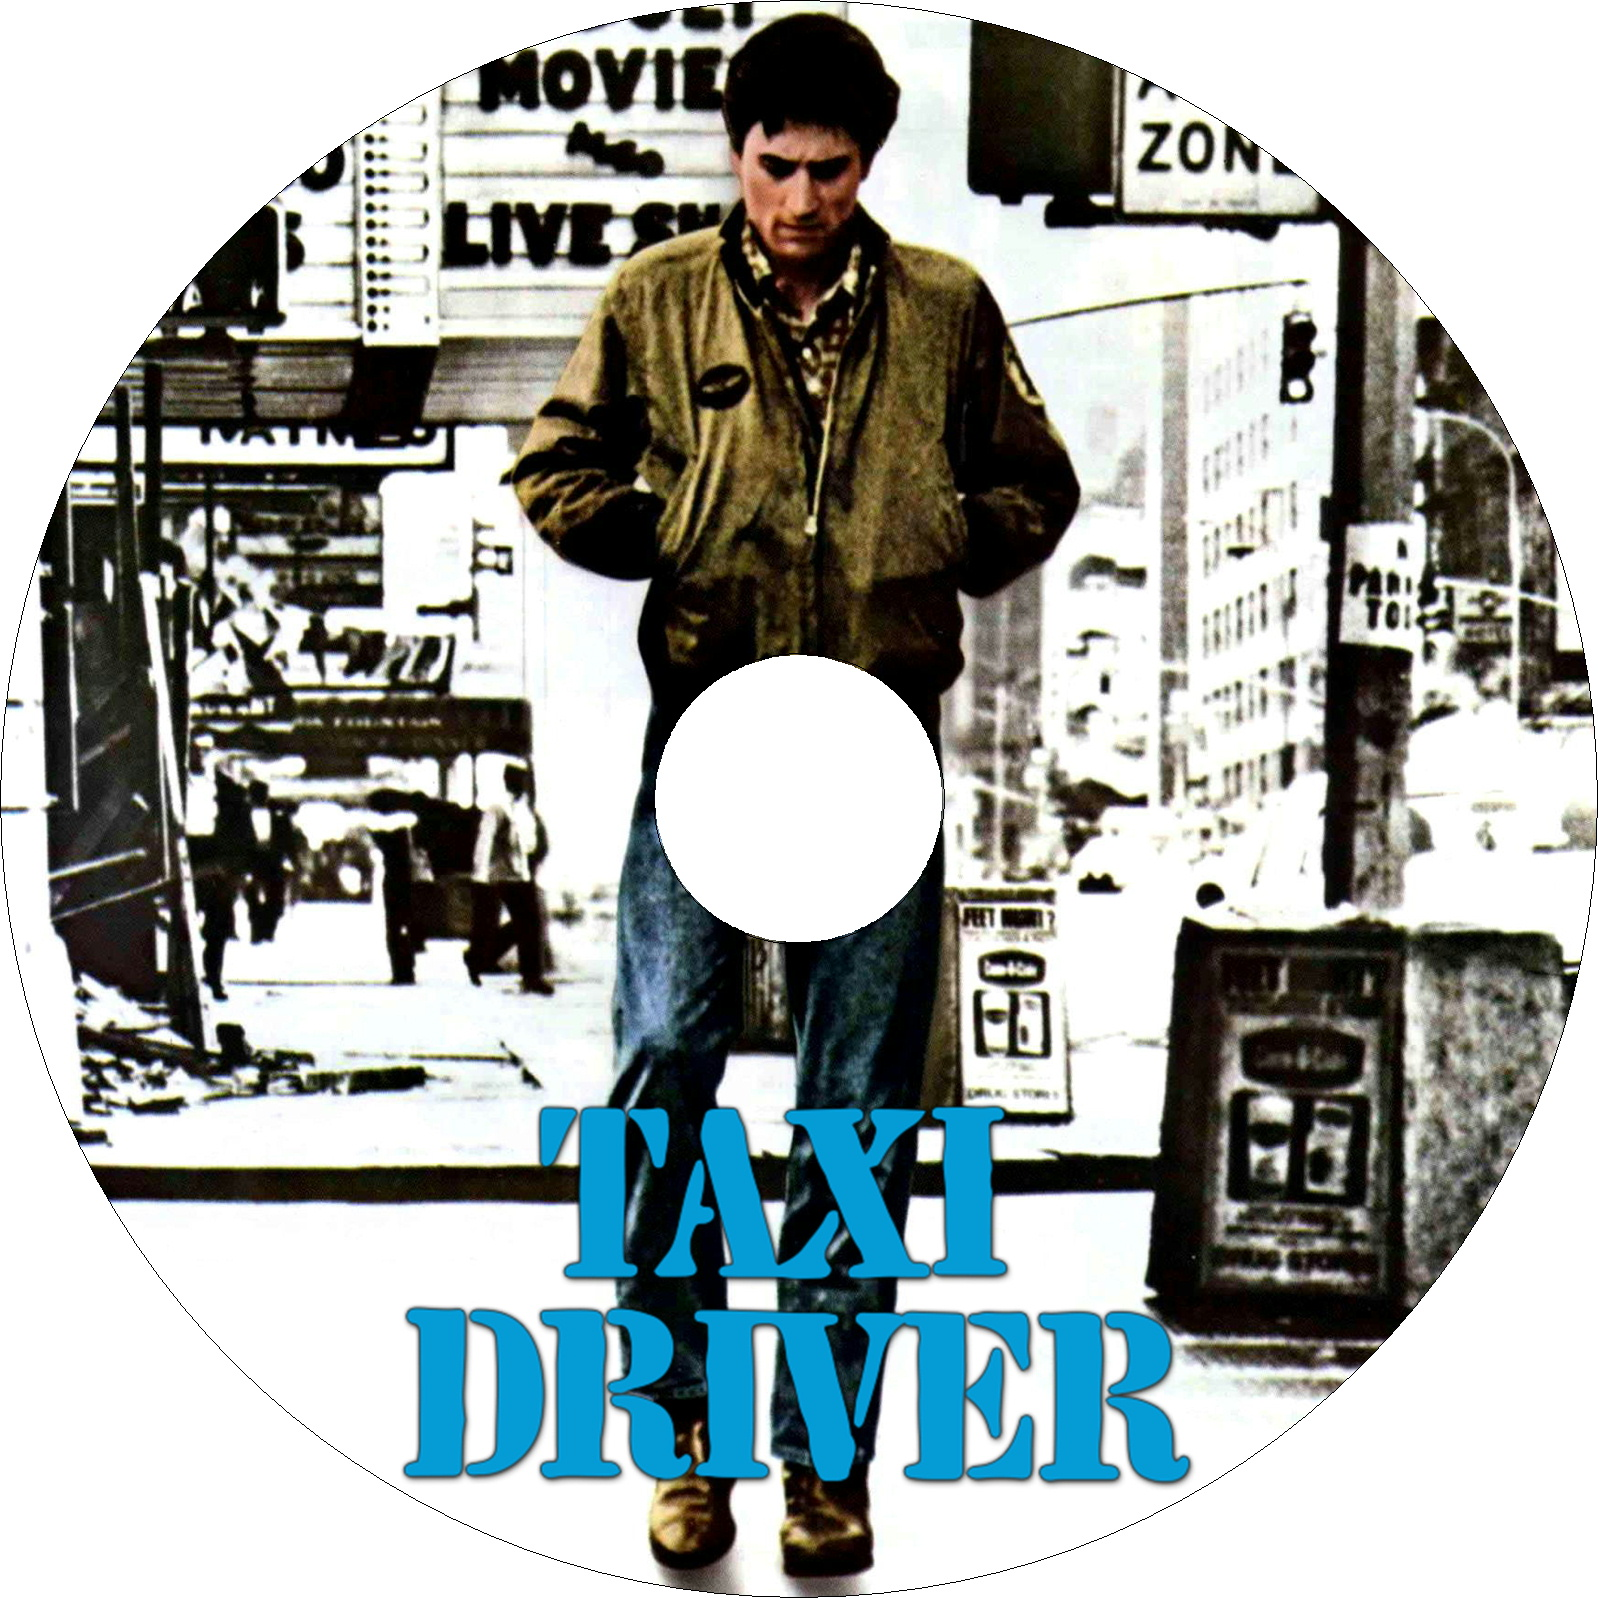 タクシードライバー ラベル1